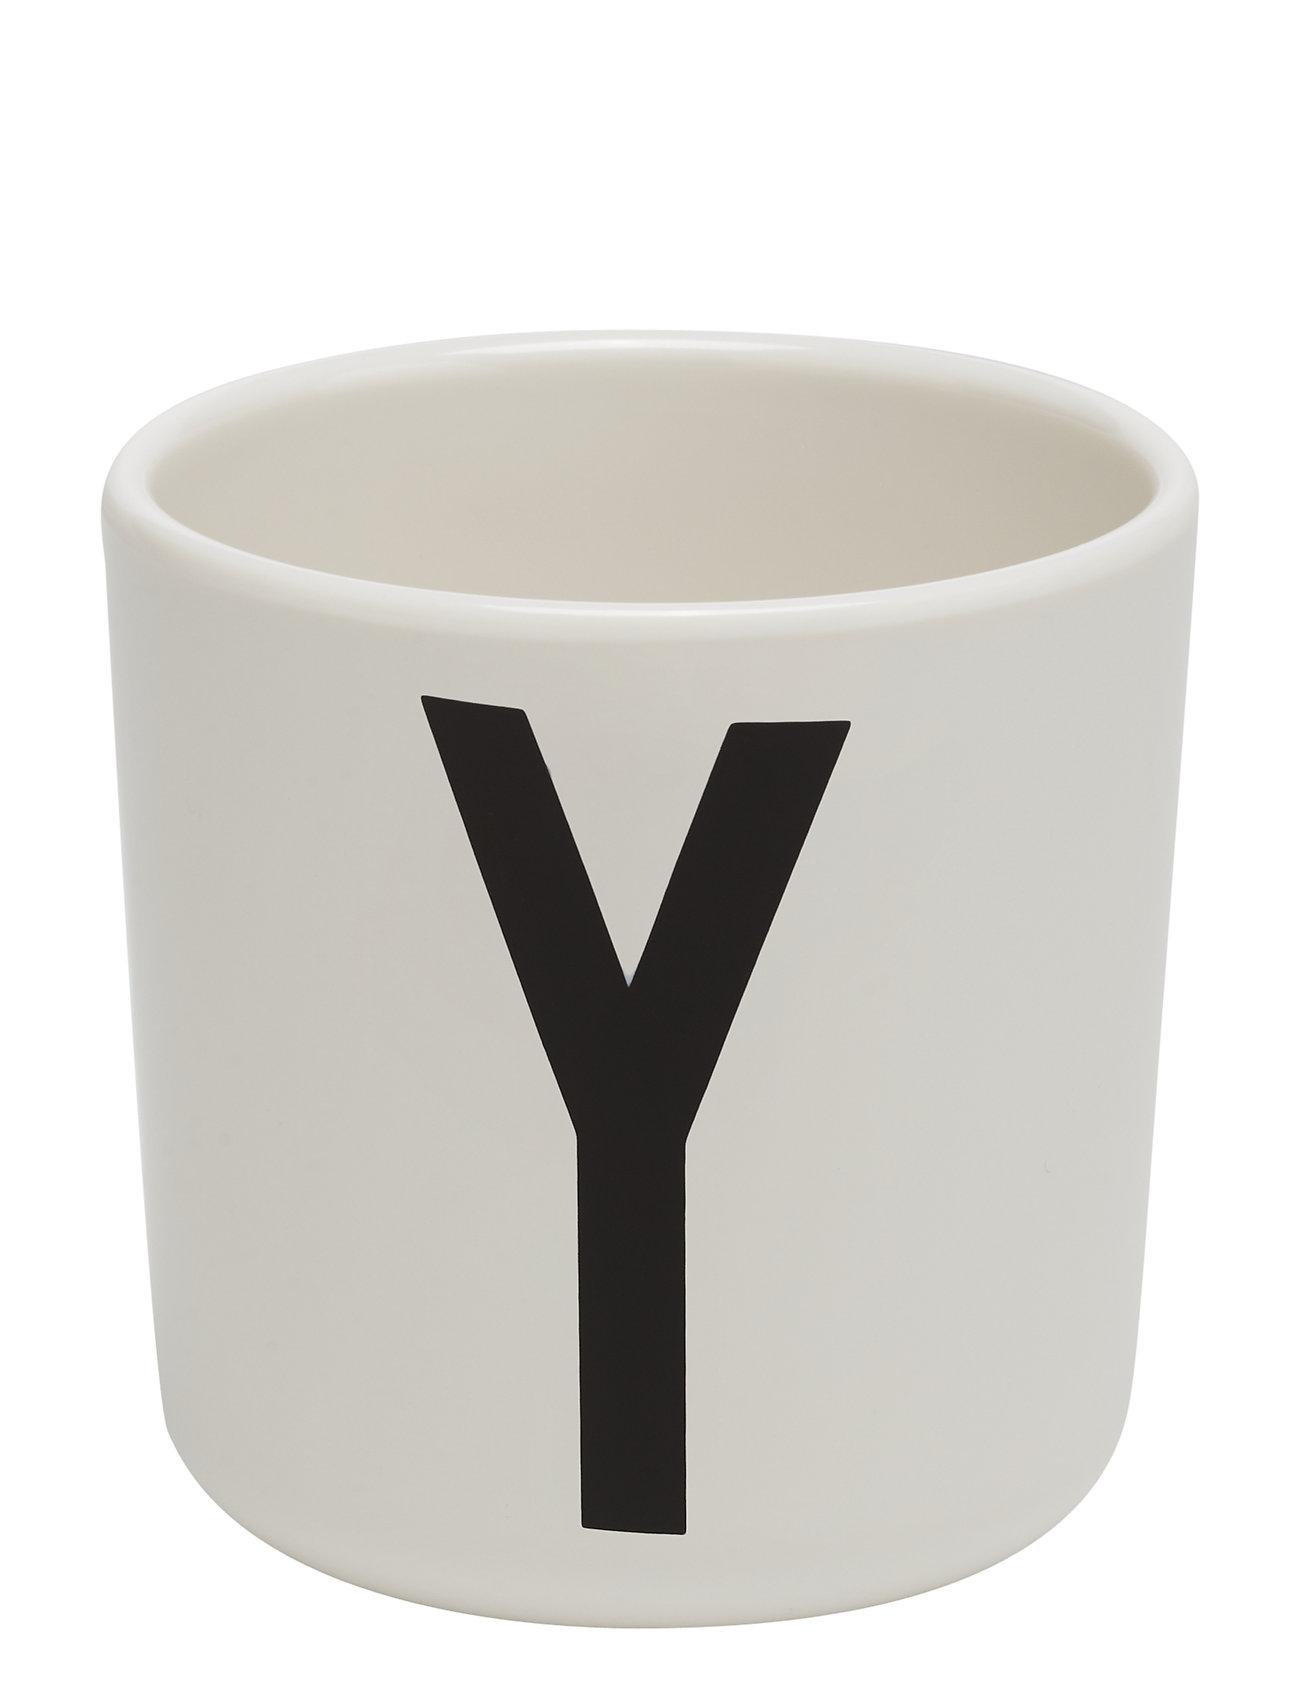 Design Letters Melamine Cup Kodin Sisustus Valkoinen Design Letters